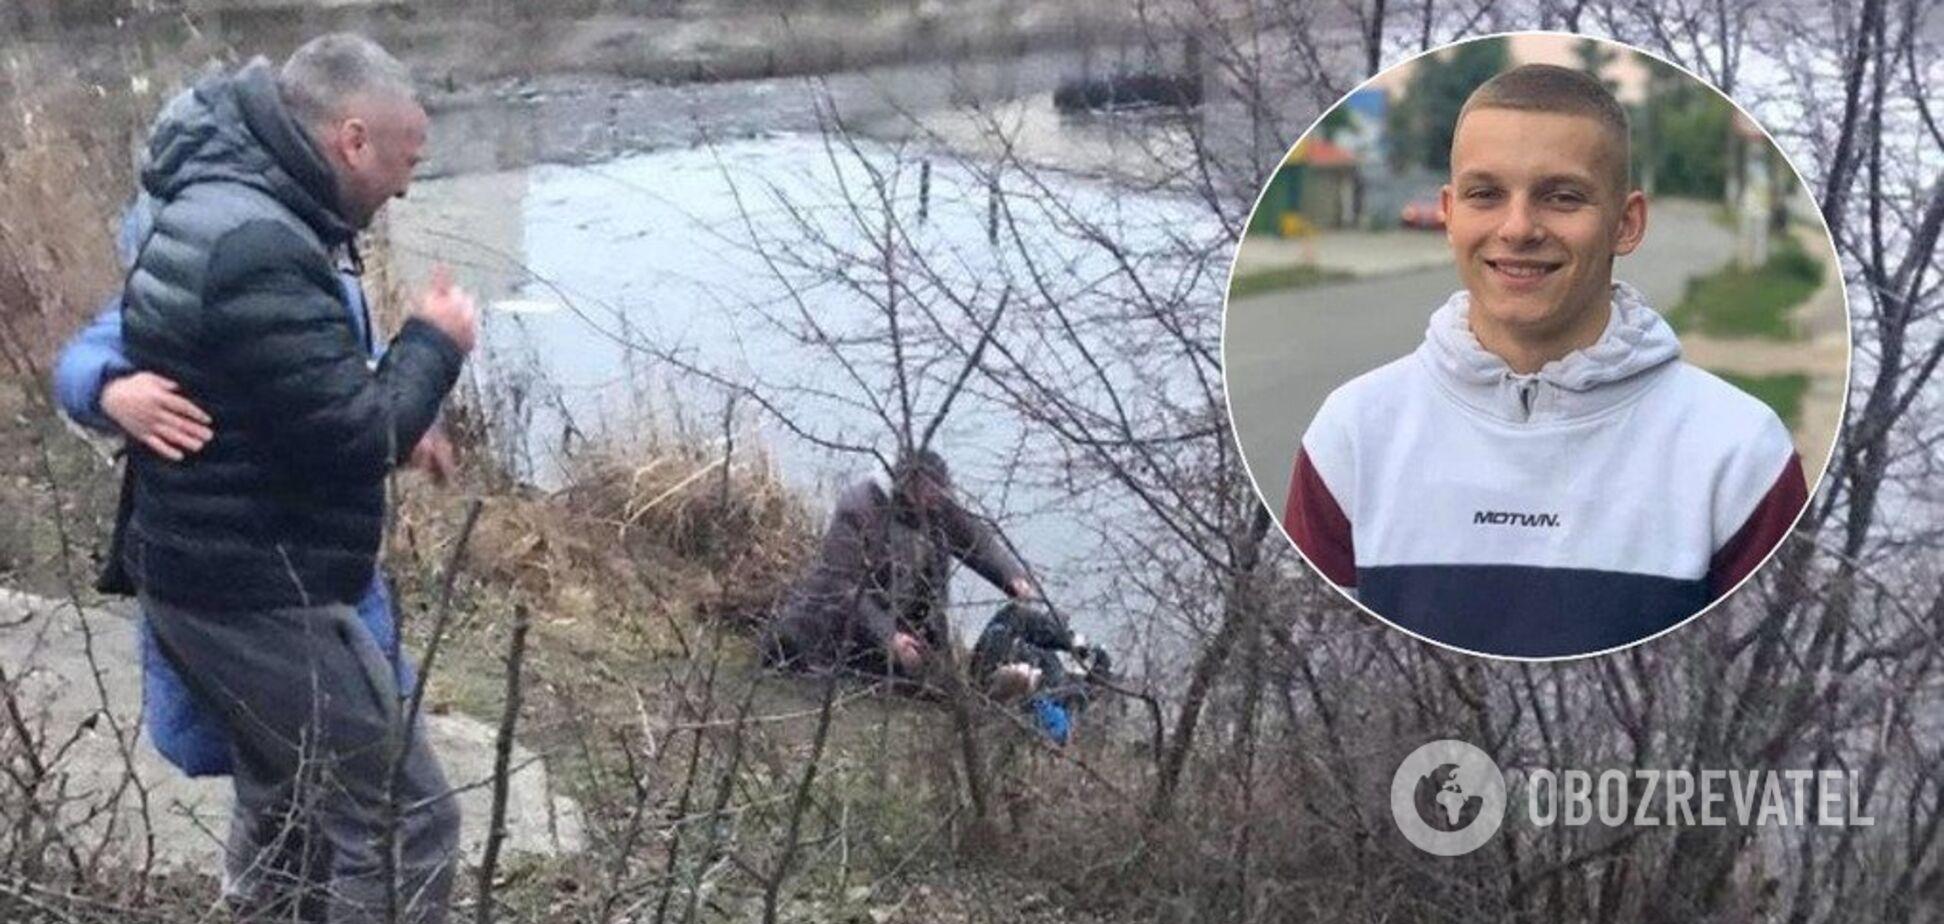 Пропавший под Киевом подросток найден мертвым: первые фото и видео